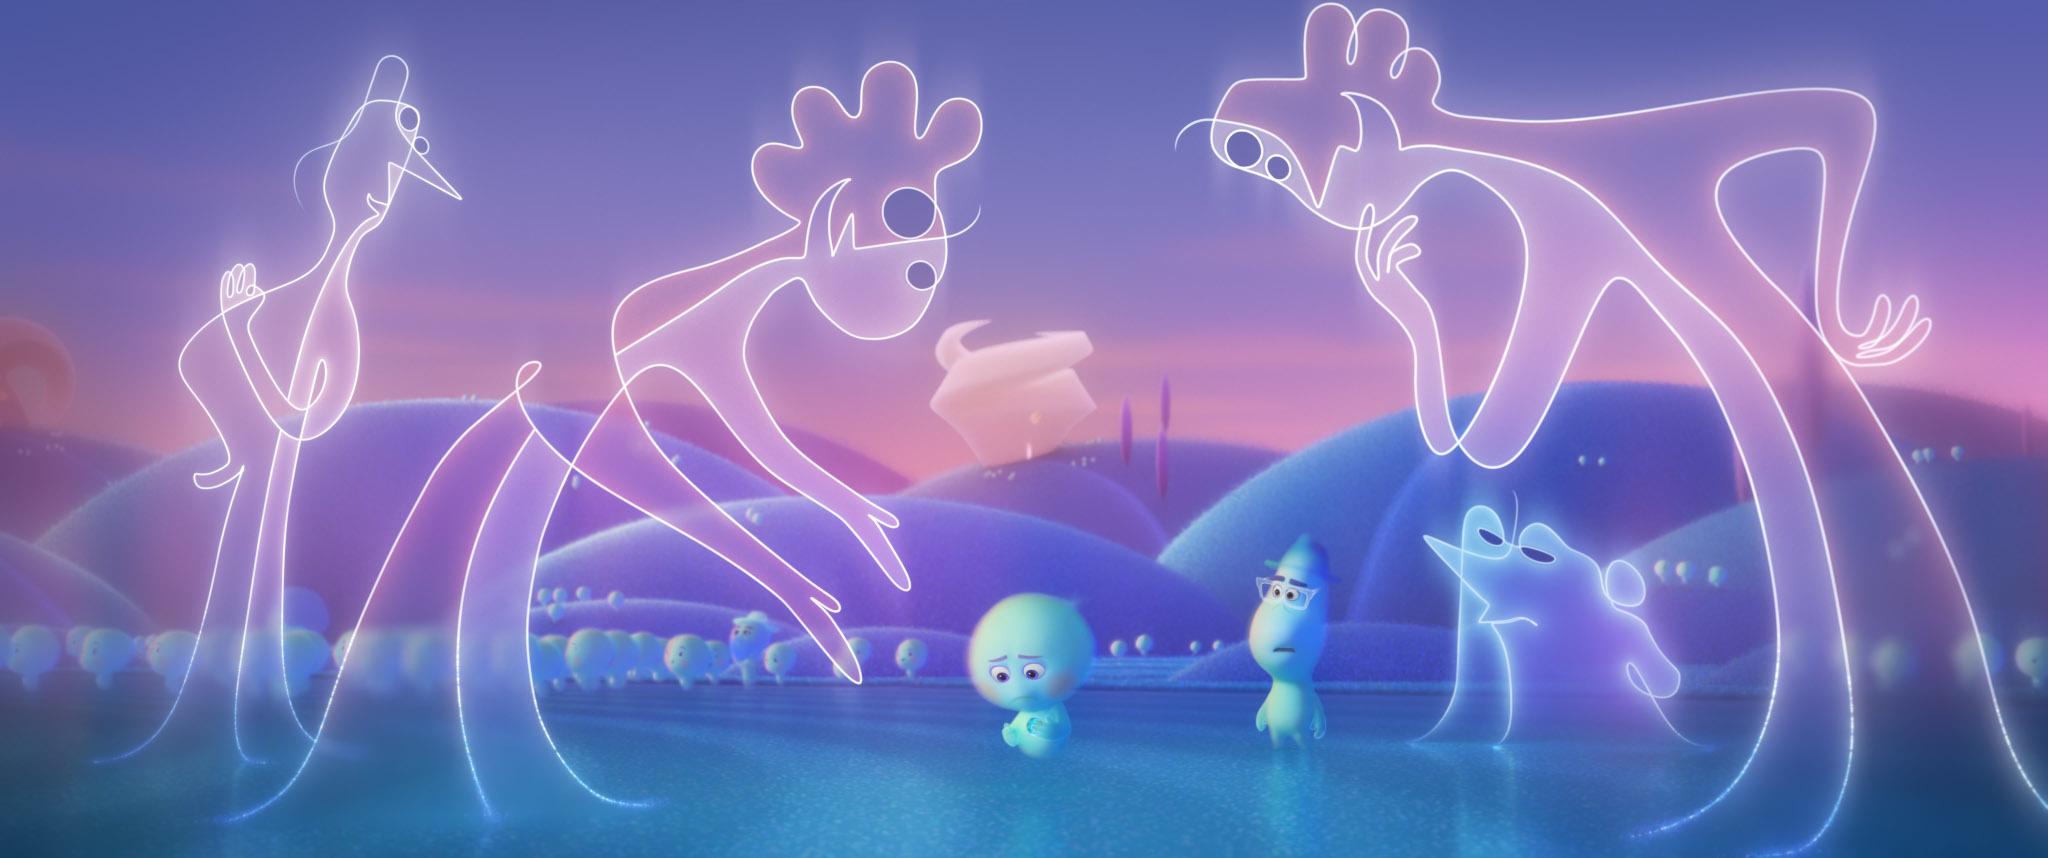 Pixar SOUL 22